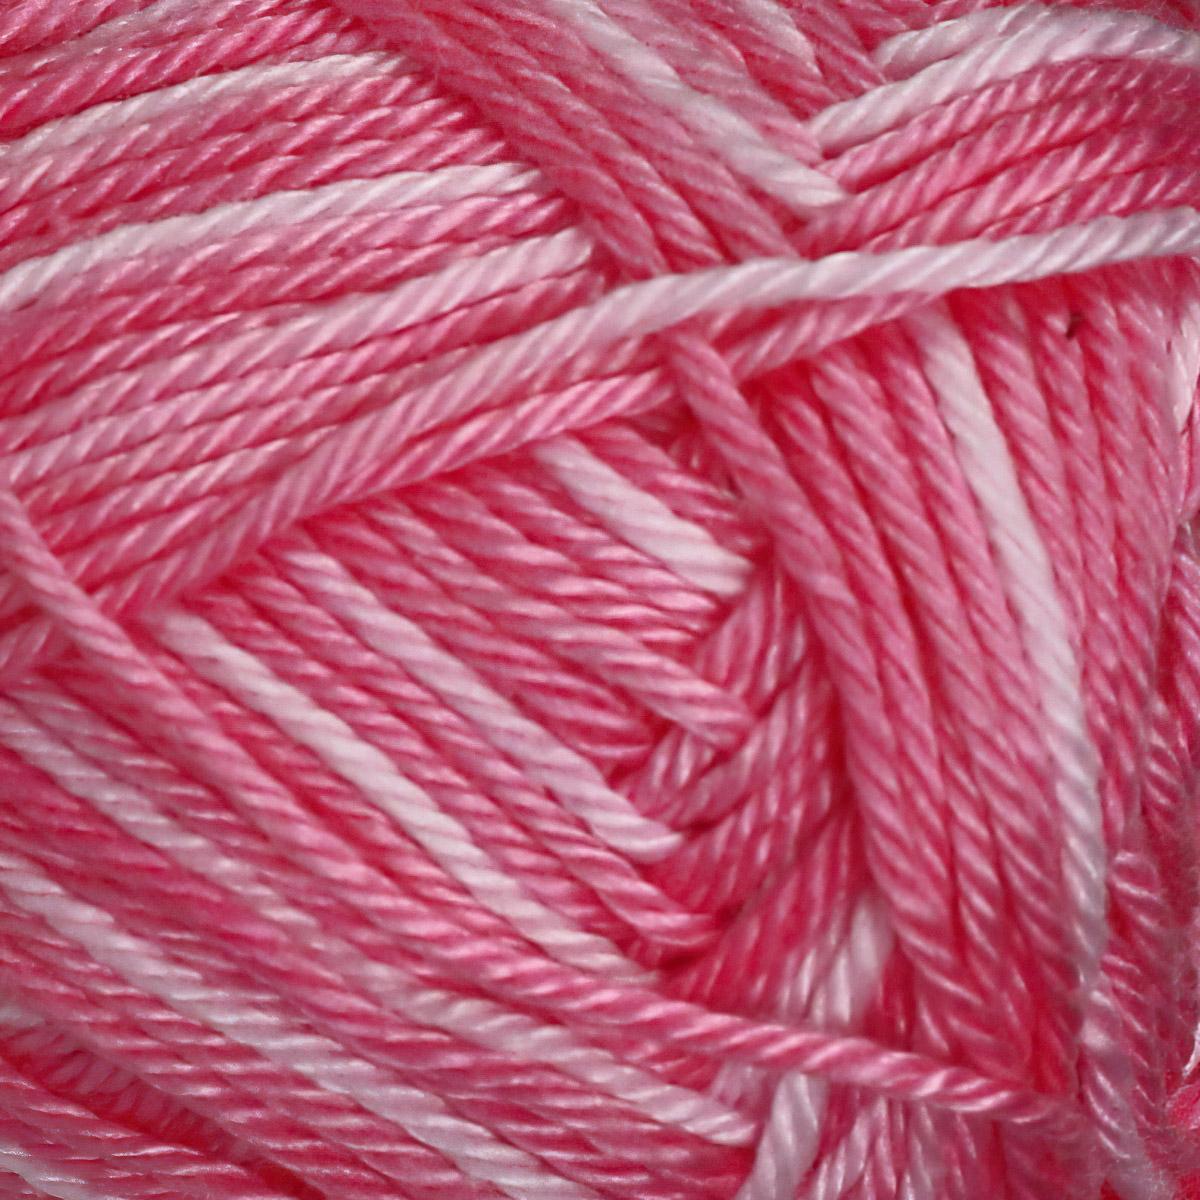 Pletací / háčkovací příze STOREX CAMILA NATURAL MULTICOLOR 9002 růžová, melírovaná, 50g/125m